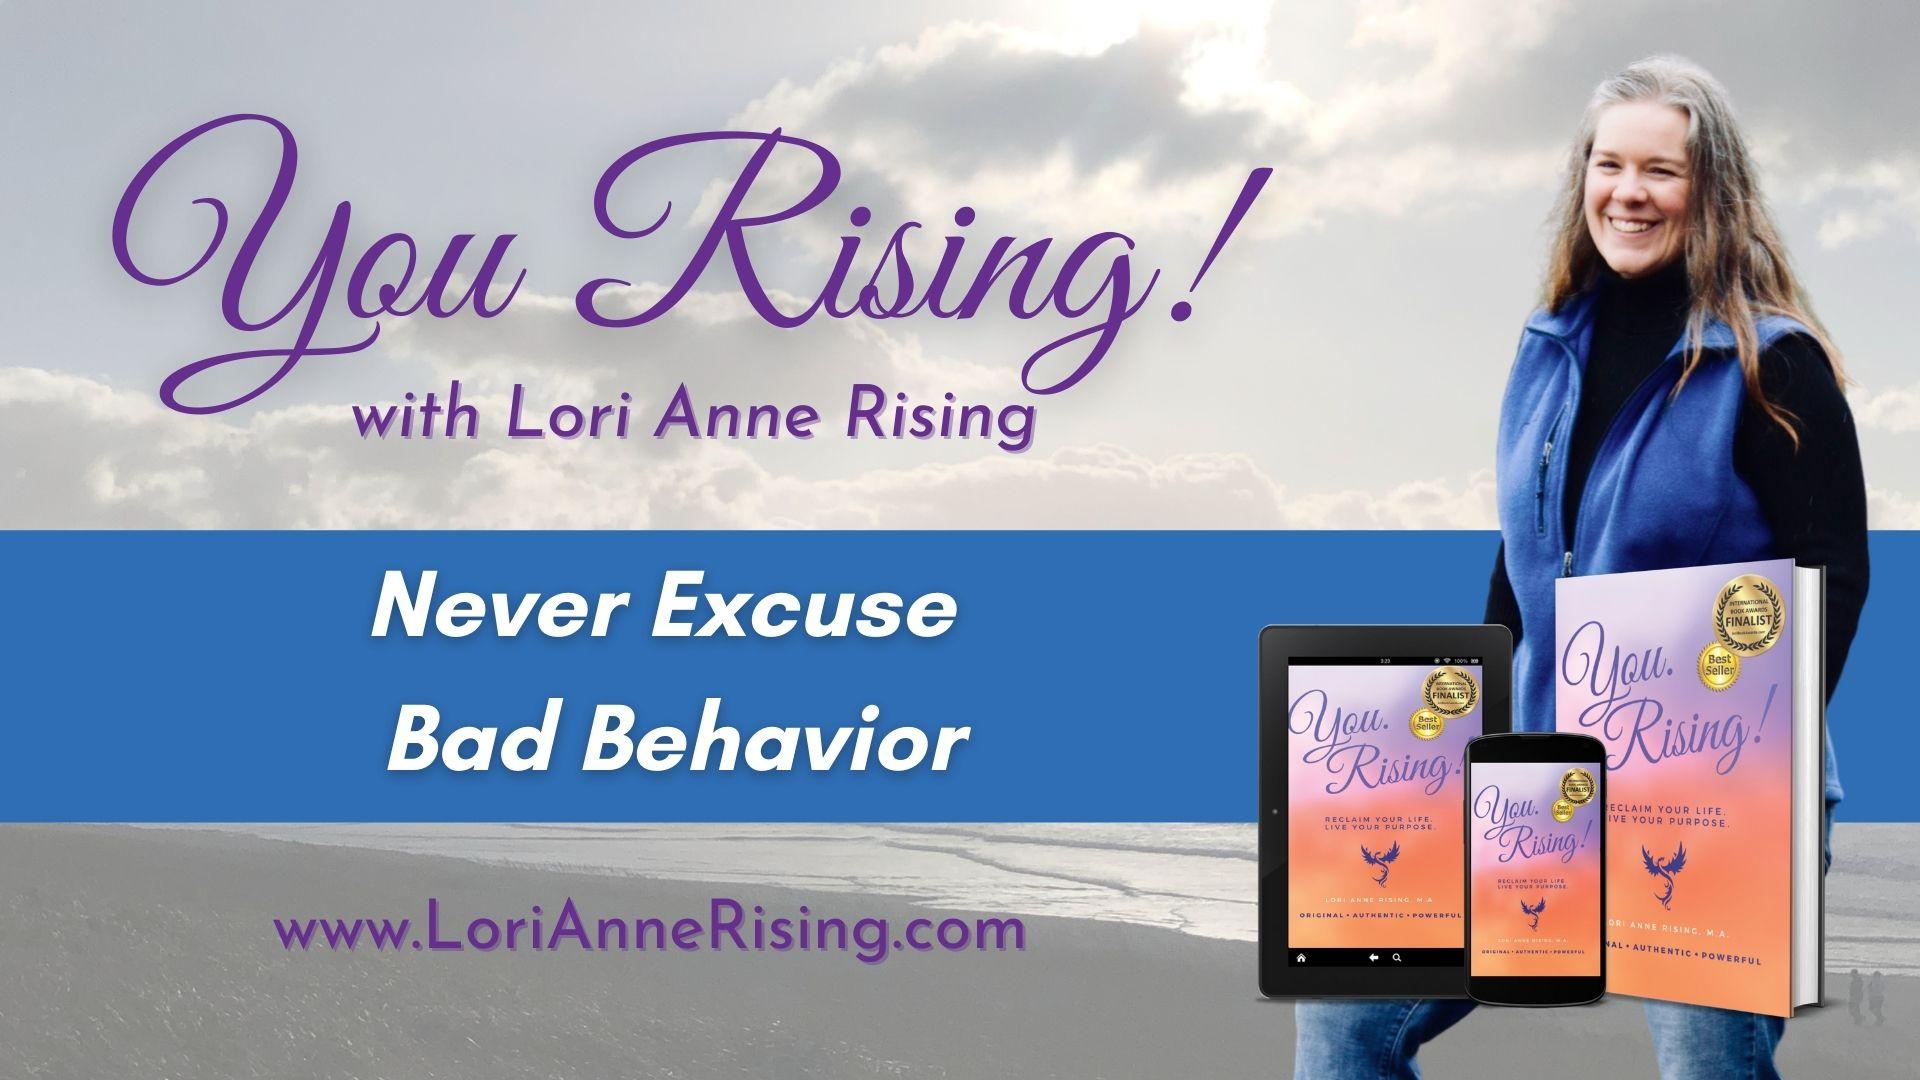 CoverExcusing Bad Behavior